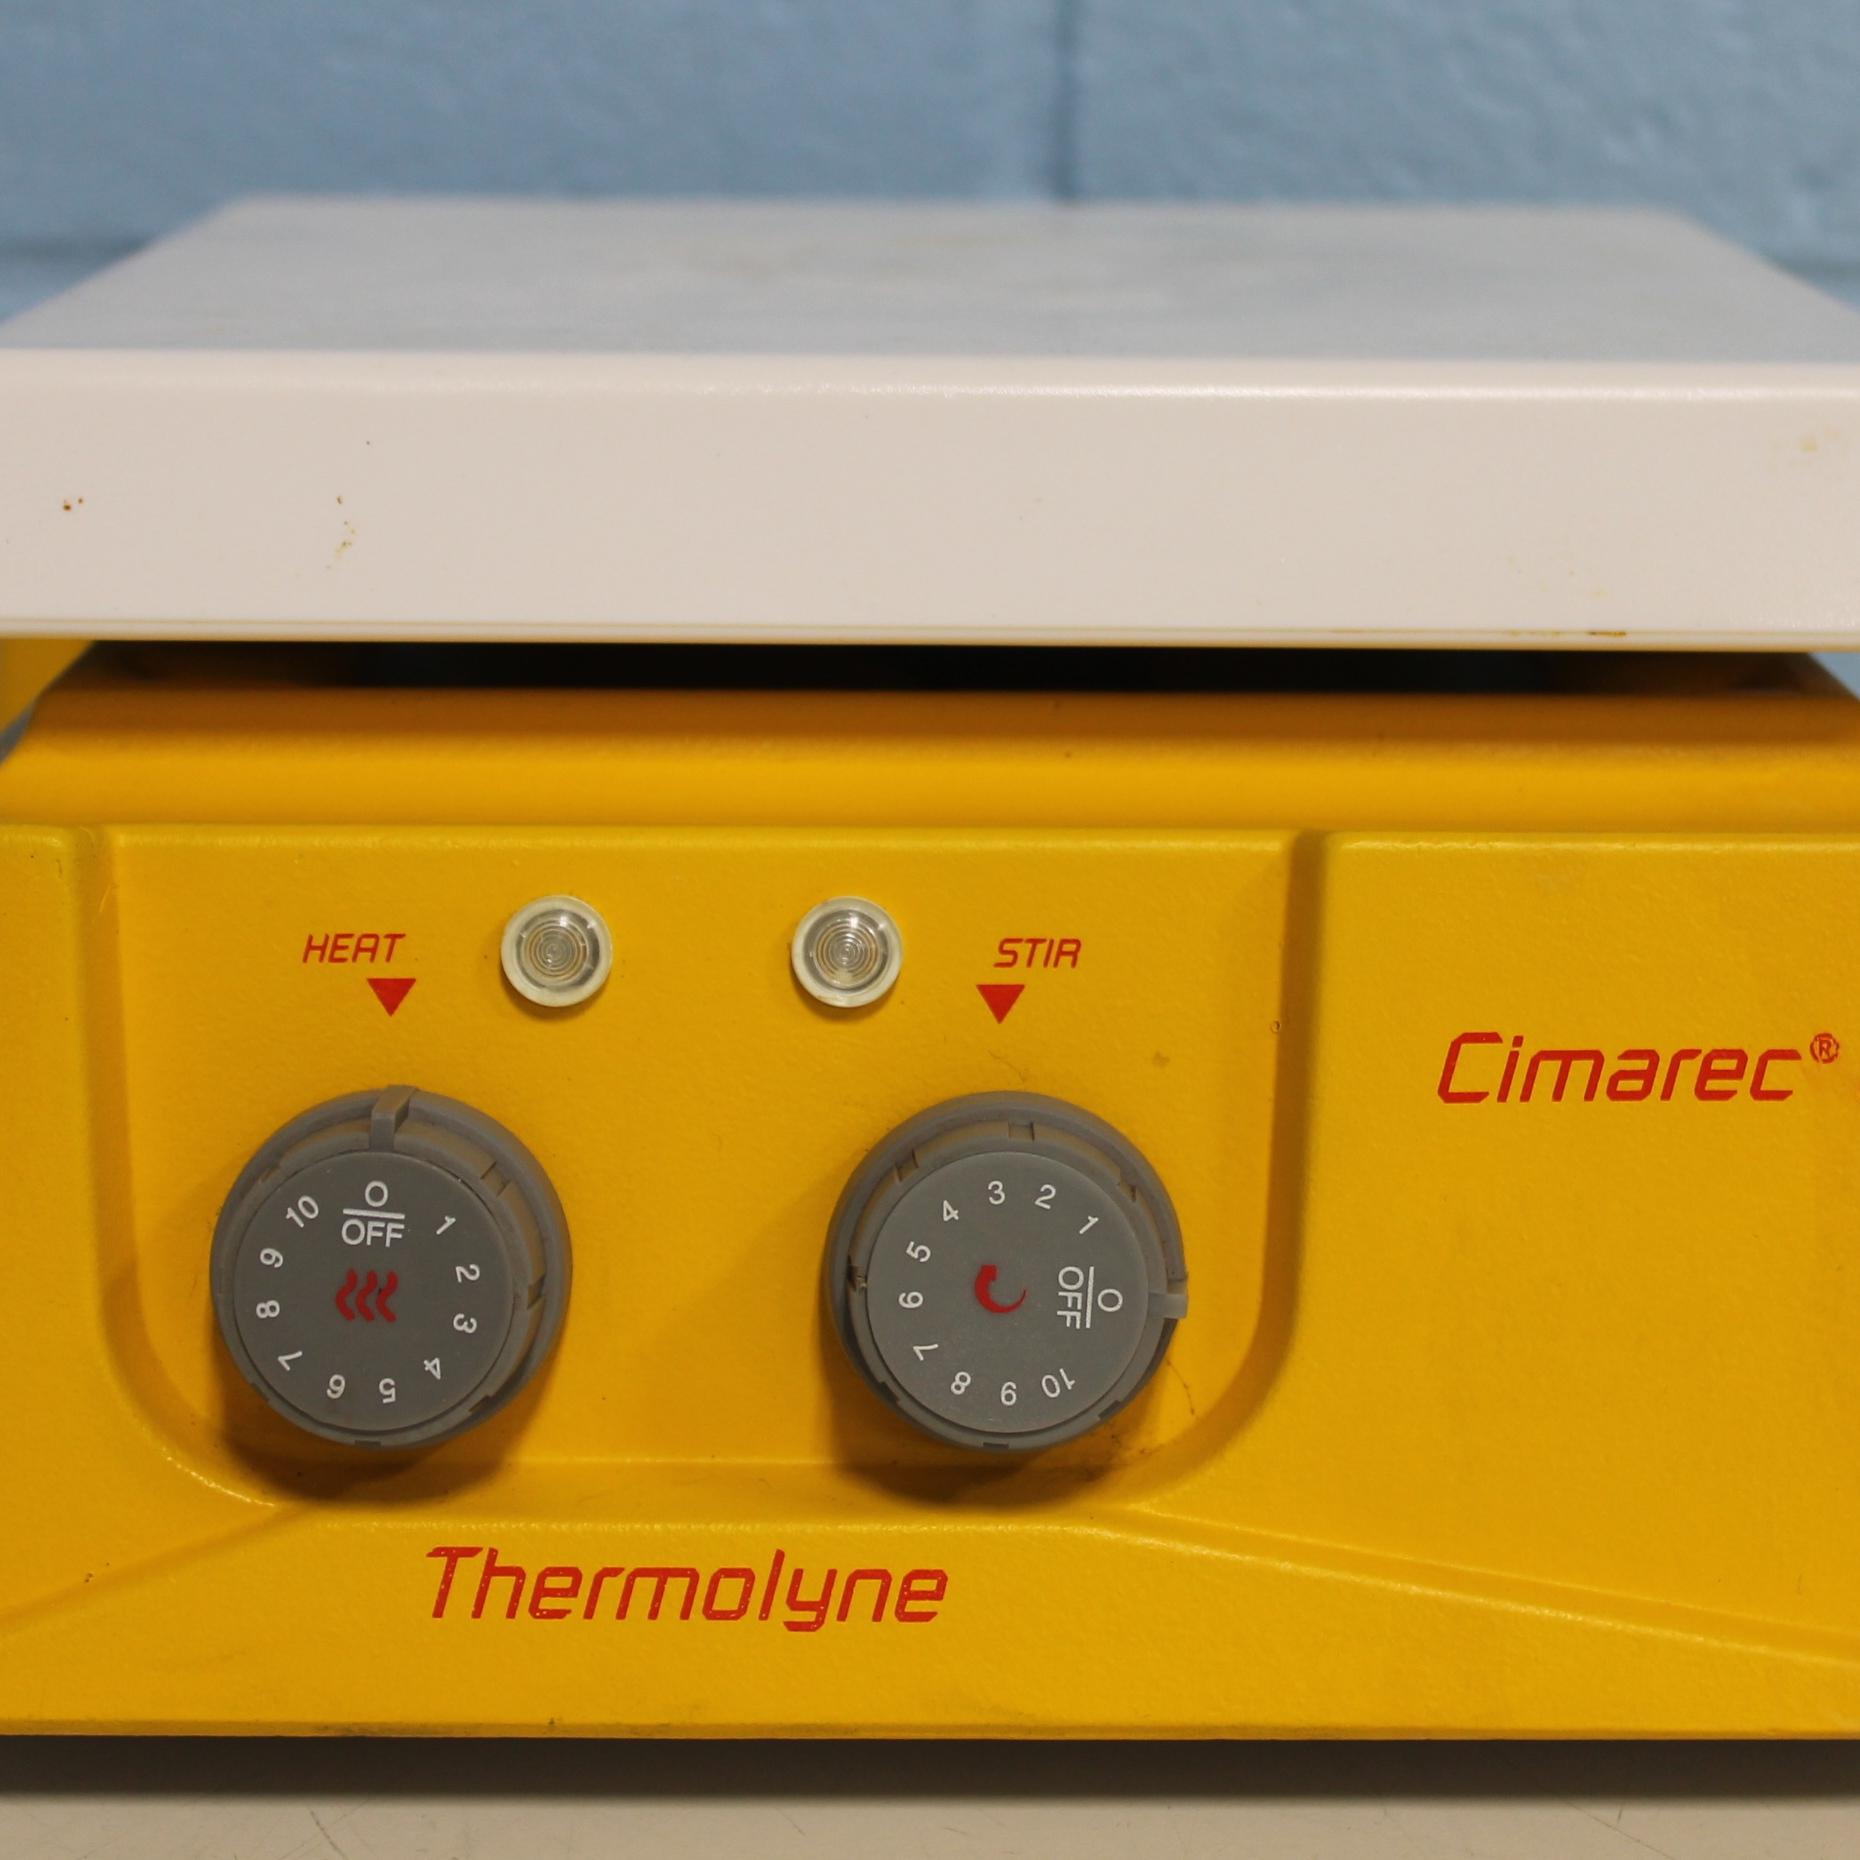 Cimarec 2 Hotplate Stirrer SP46925